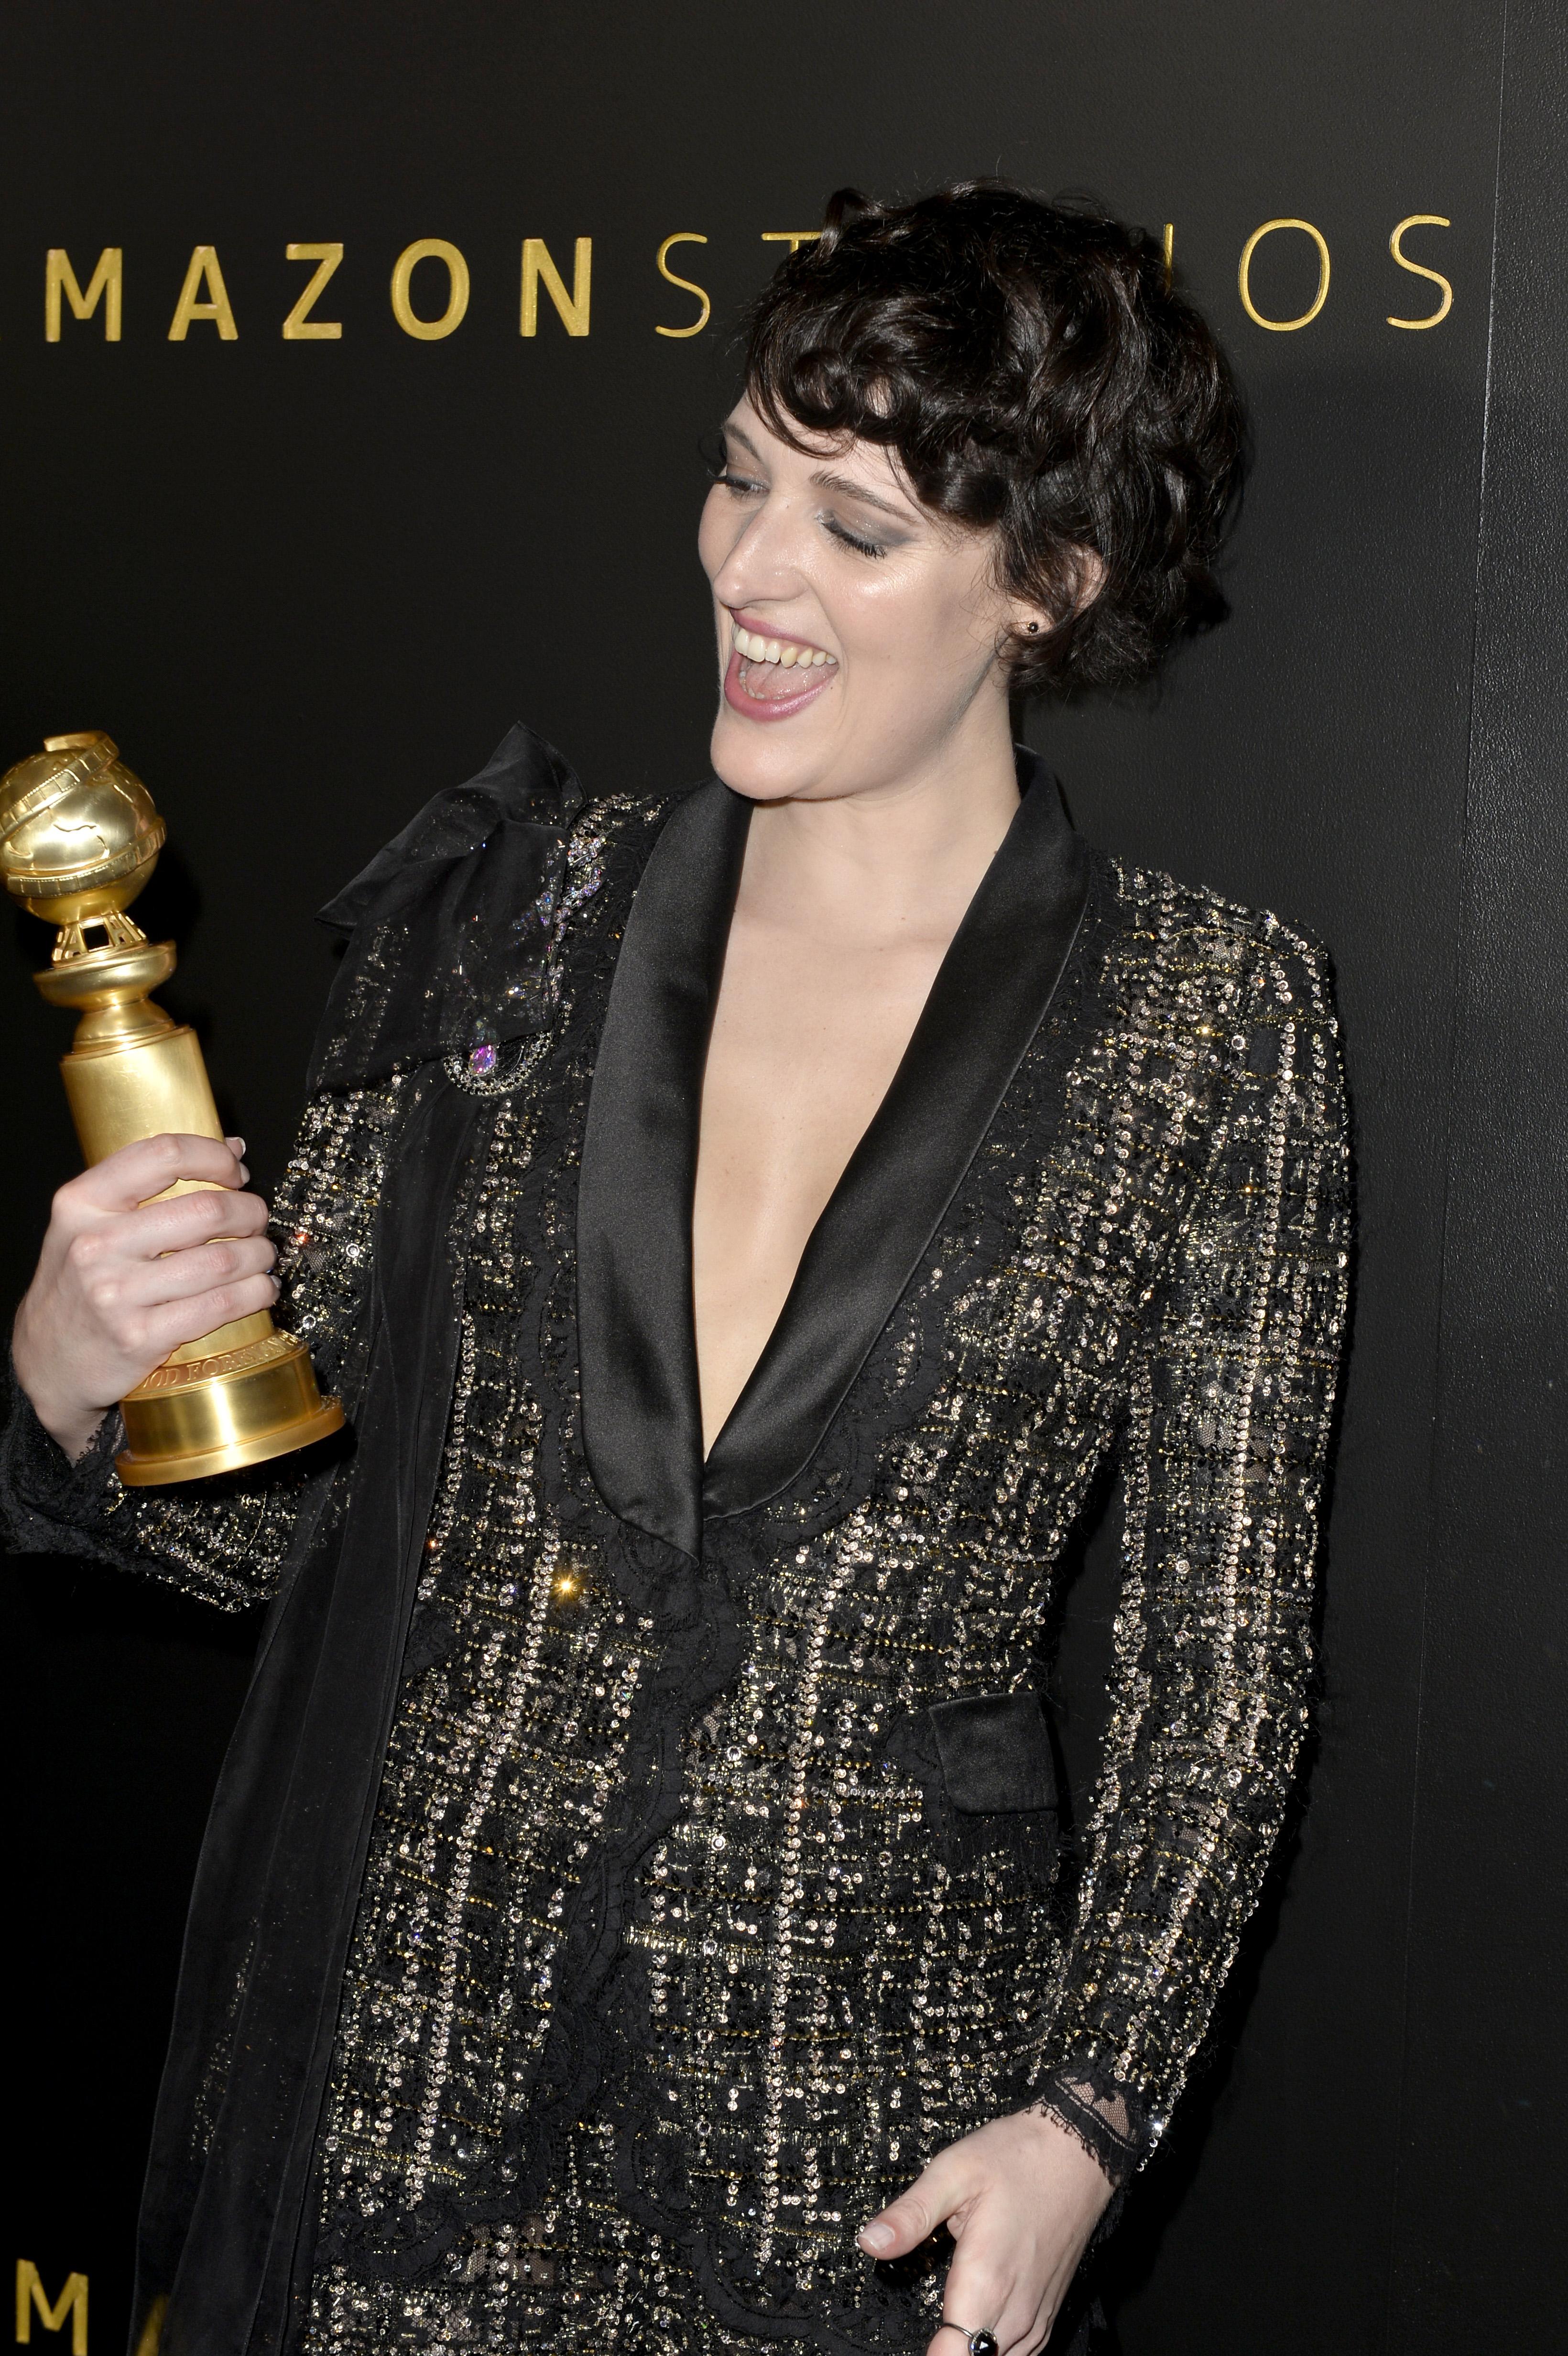 Fleabag star Phoebe Waller-Bridge holds her brand new Golden Globe trophy.